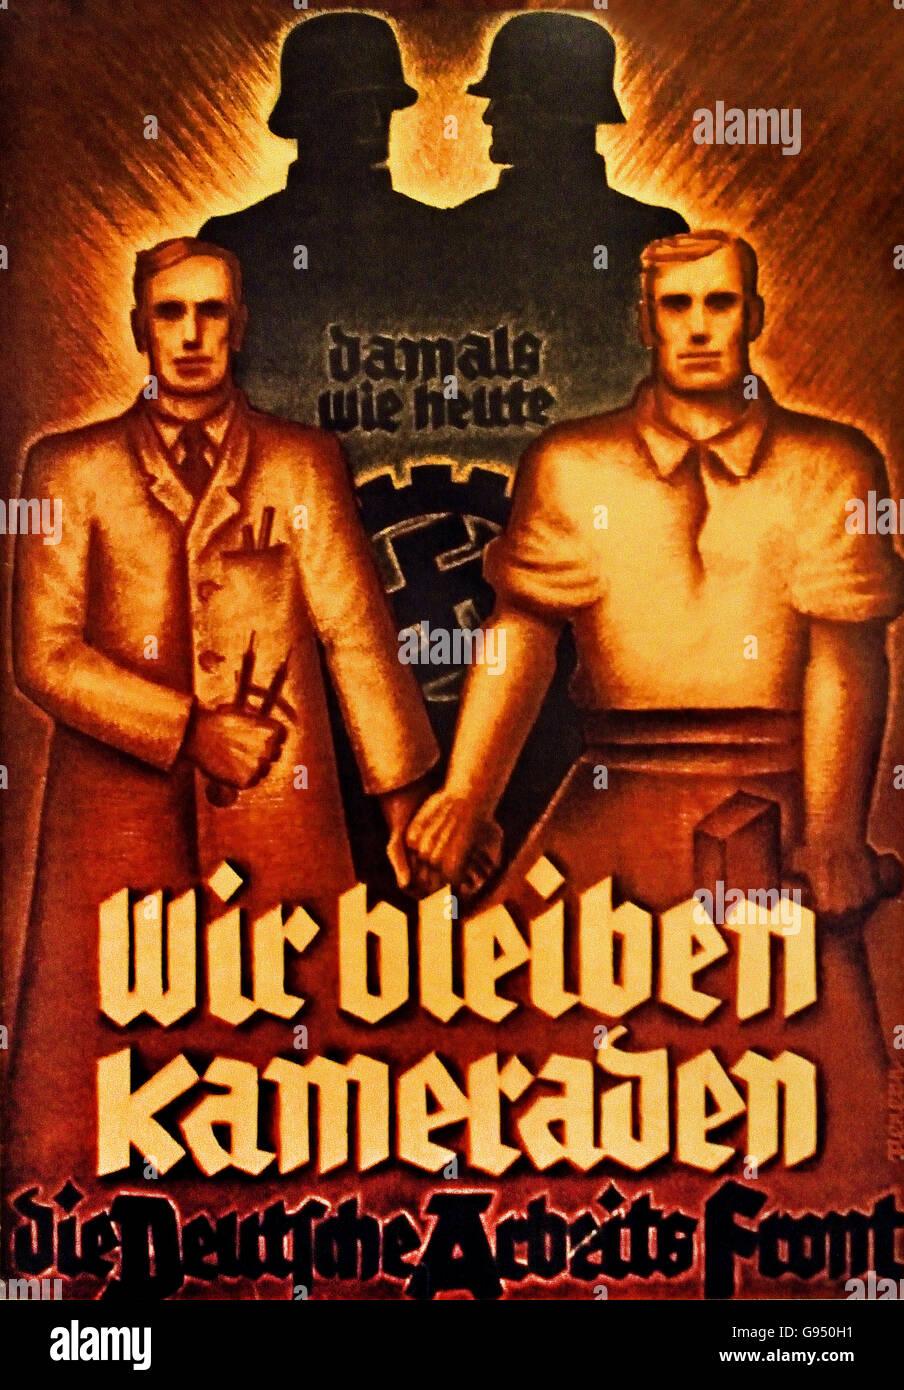 Wir Bleiben Kameraden - Nous demeurons camarades affiche du Front du Travail allemand ( DAF ) 1933 Berlin Allemagne Photo Stock